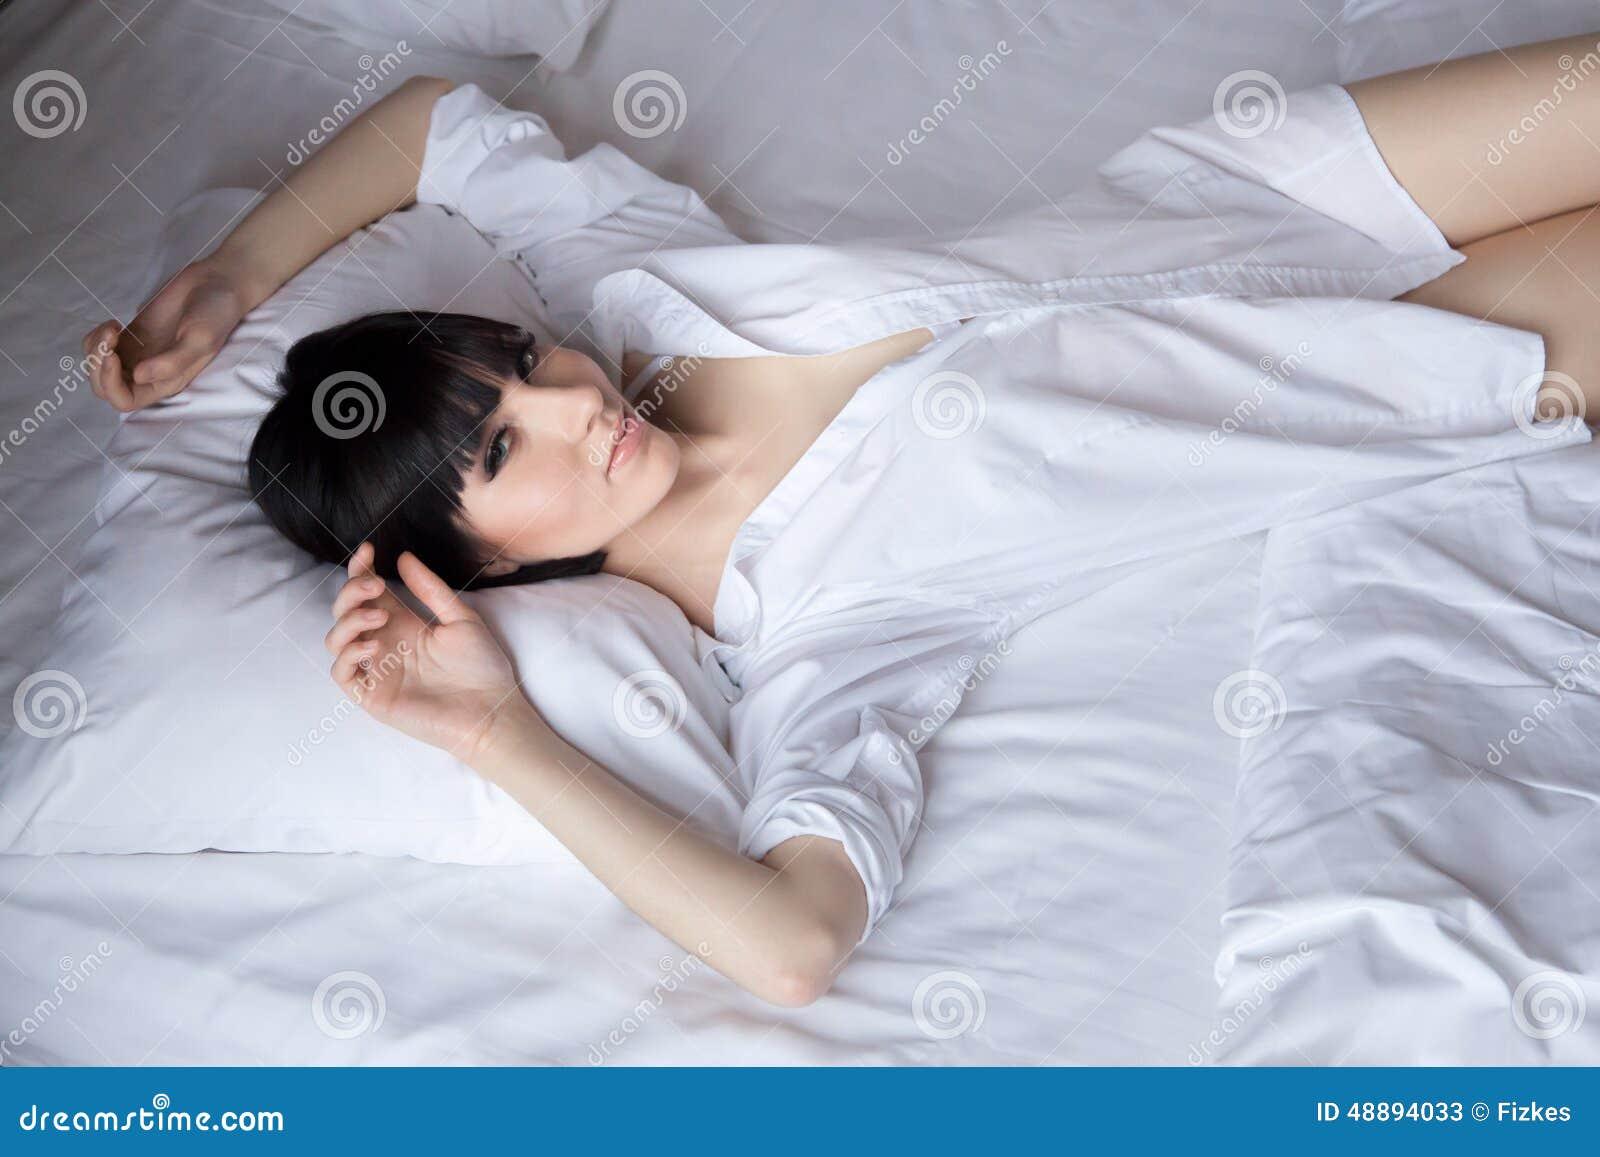 Bella ragazza che si riposa a letto immagine stock immagine di sveglio erotic 48894033 - Giochi che si baciano a letto ...